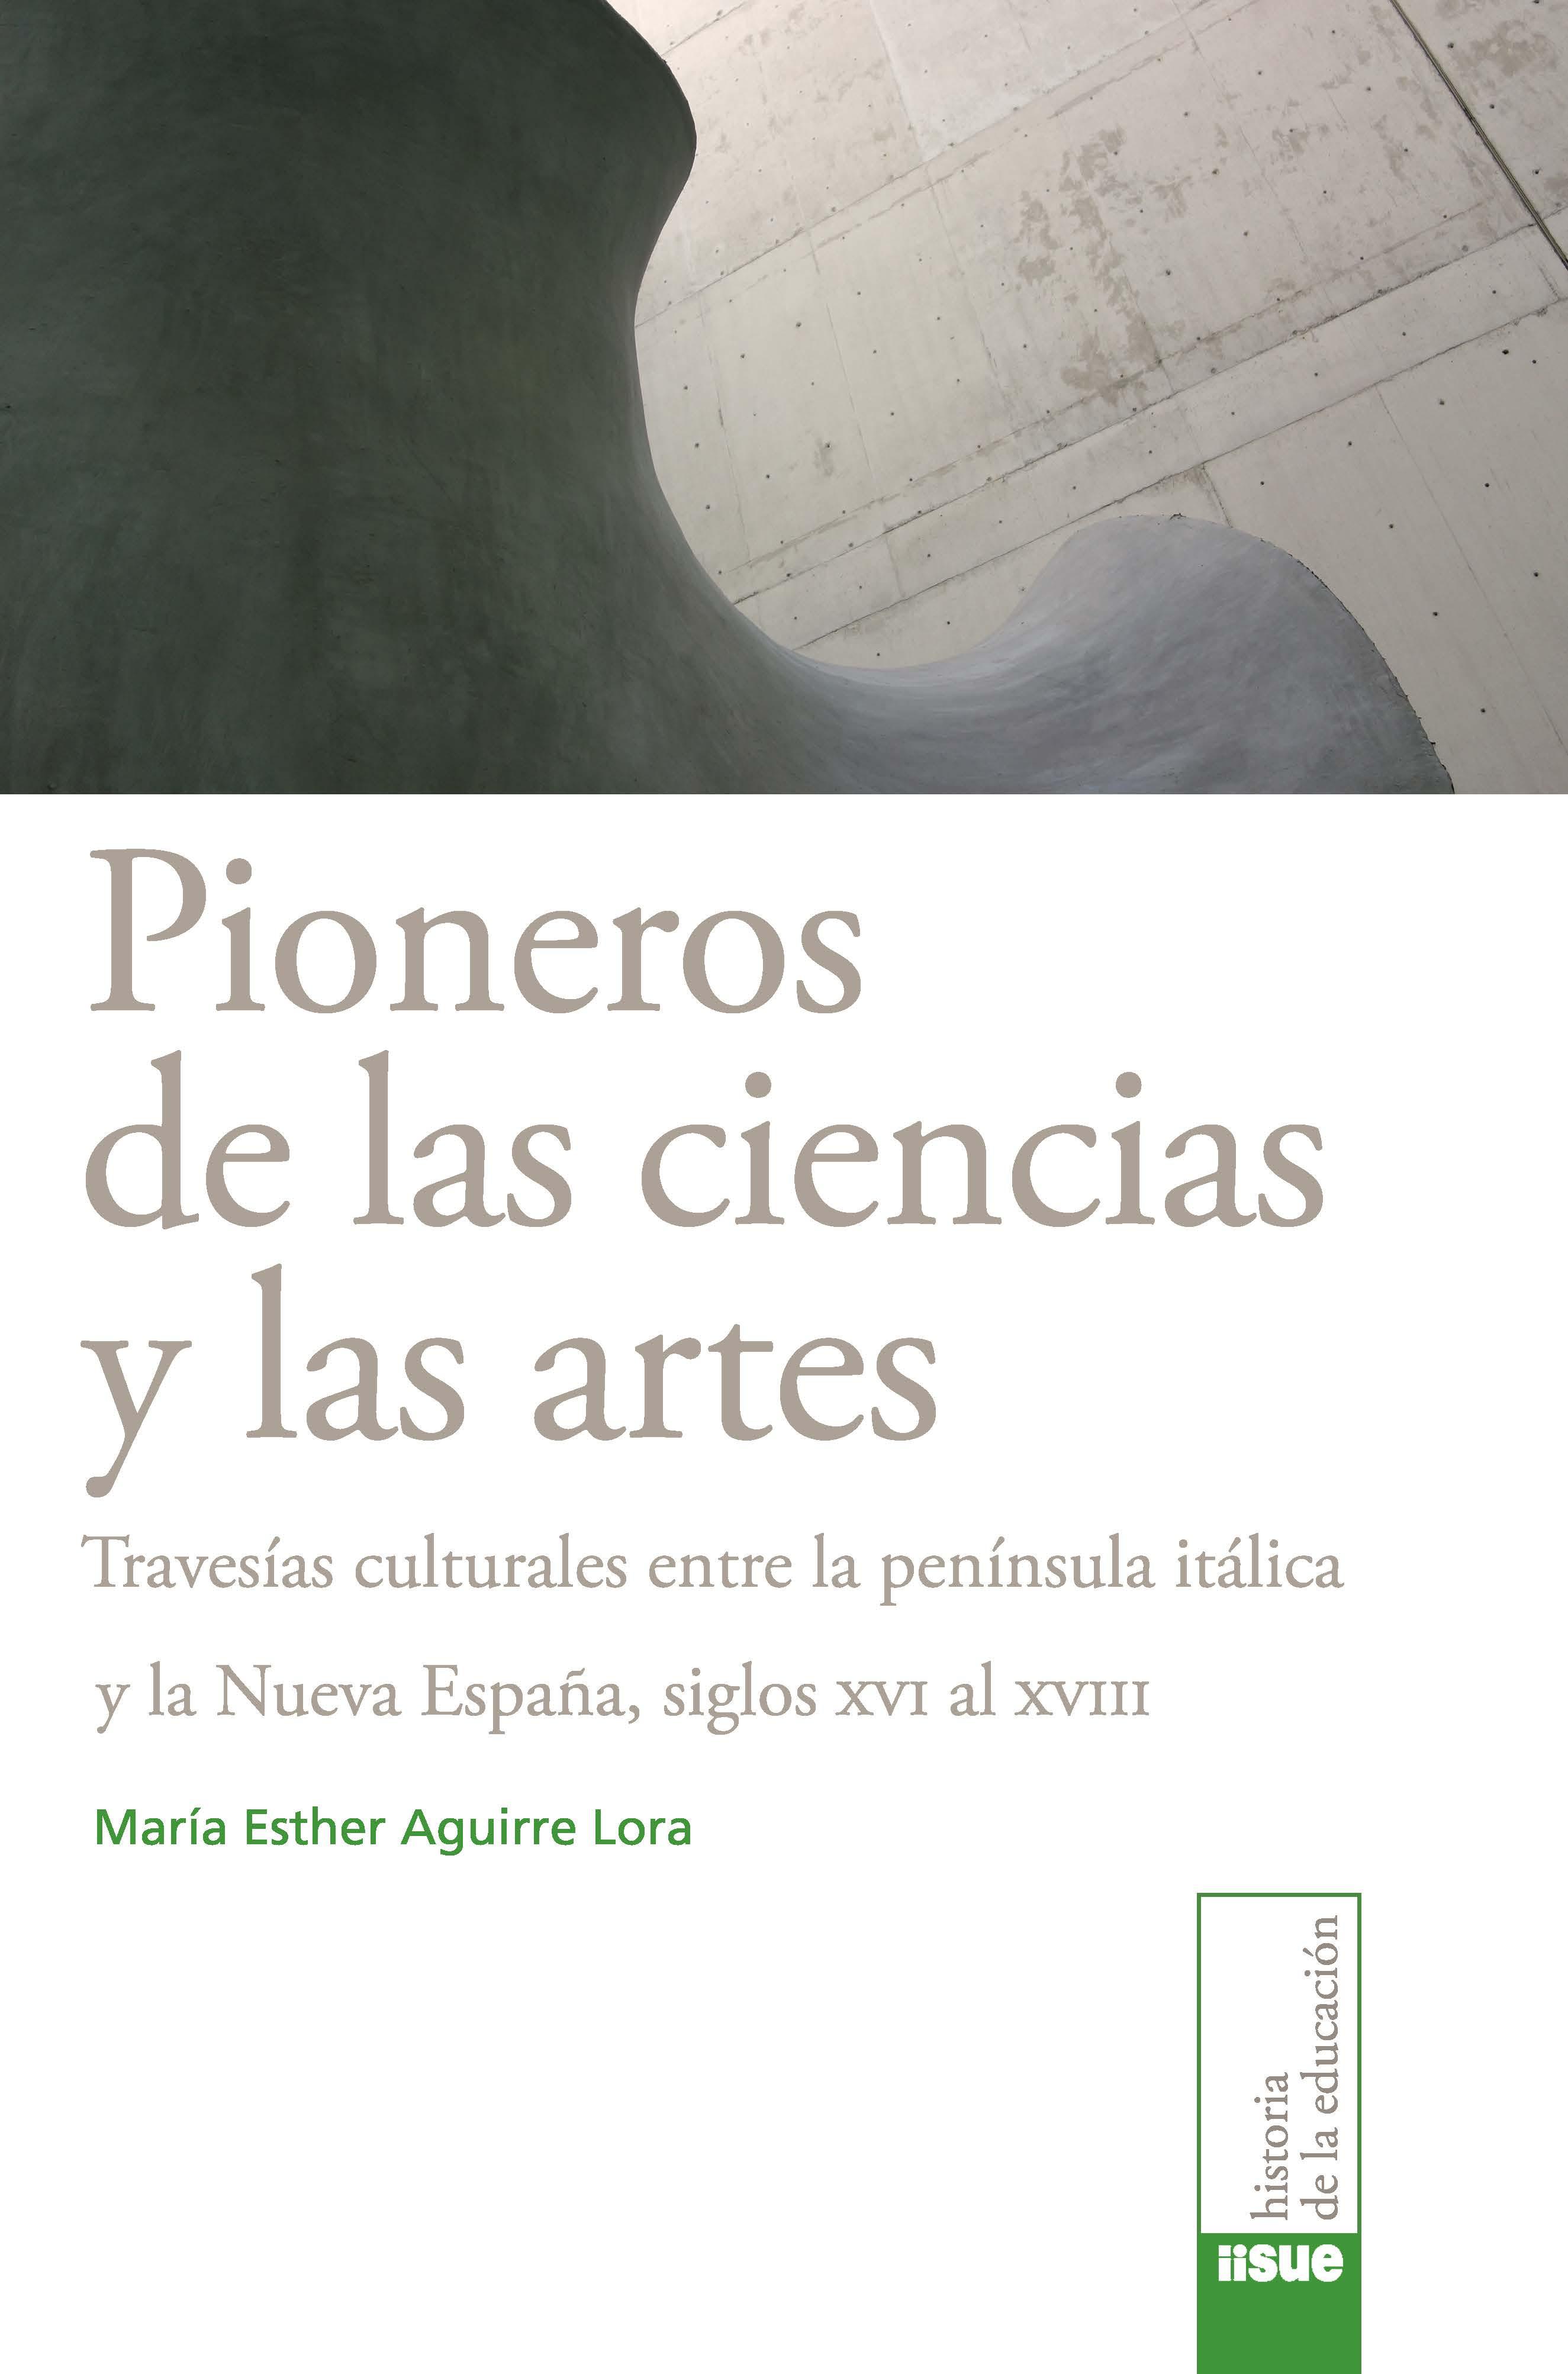 Pioneros de las ciencias y las artes Travesías culturales entre la península itálica y la Nueva España, siglos XVI al XVIII